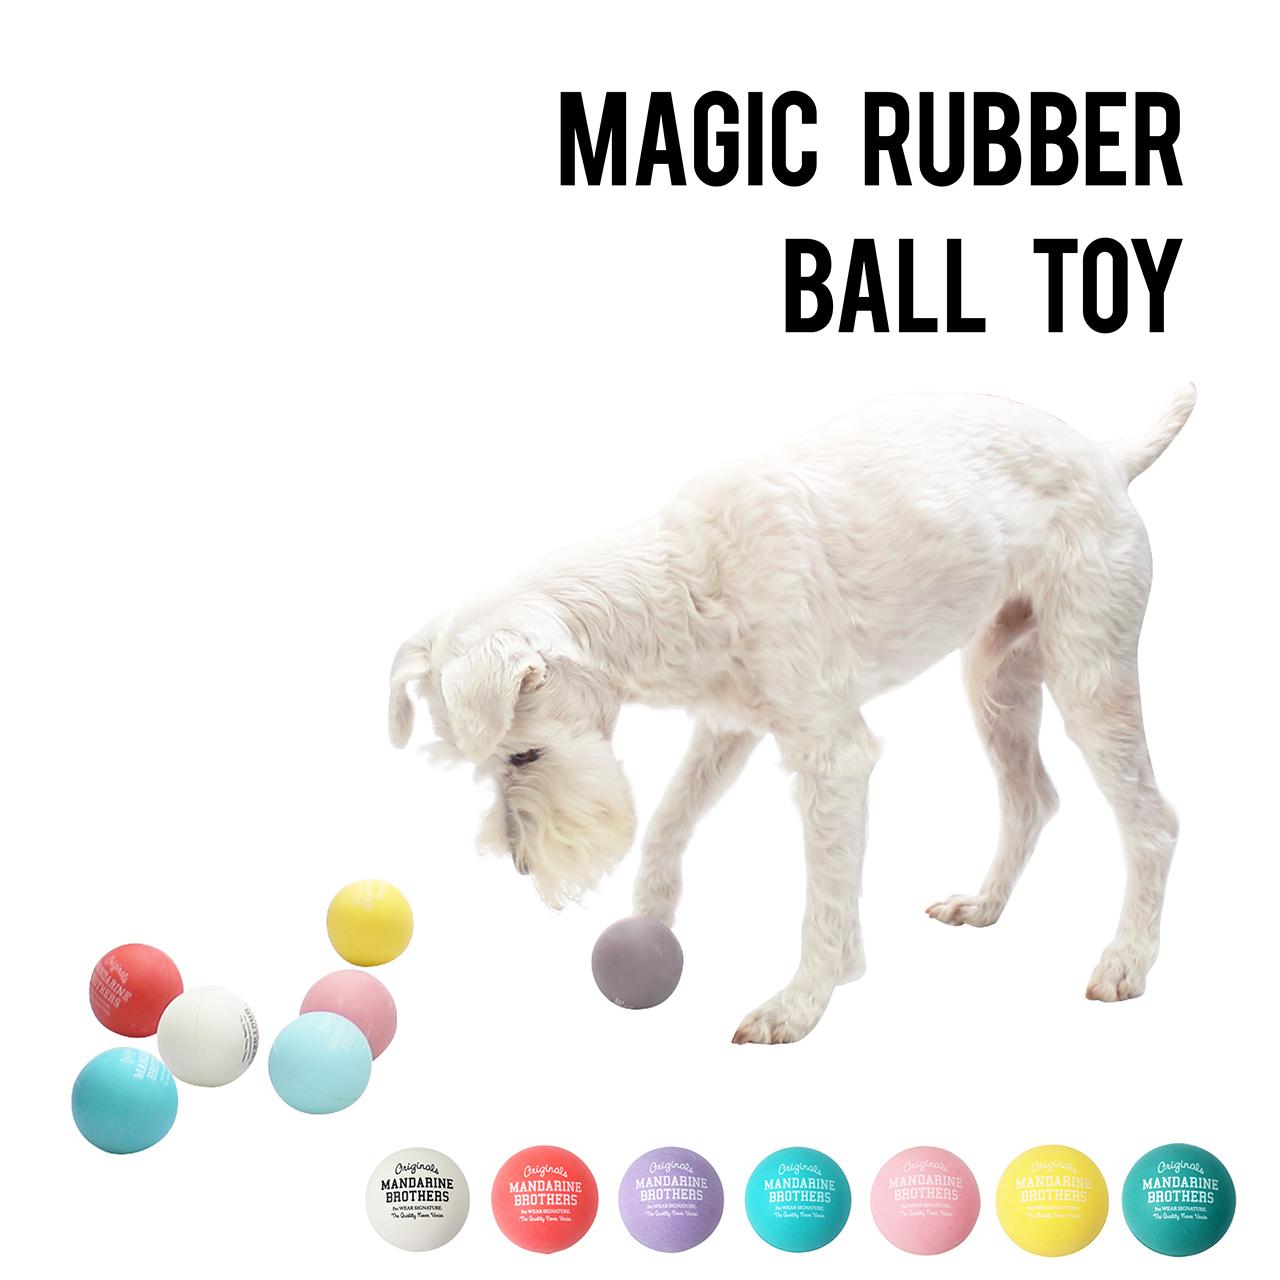 MAGIC RUBBER BALL TOY マジックラバーボールトイ